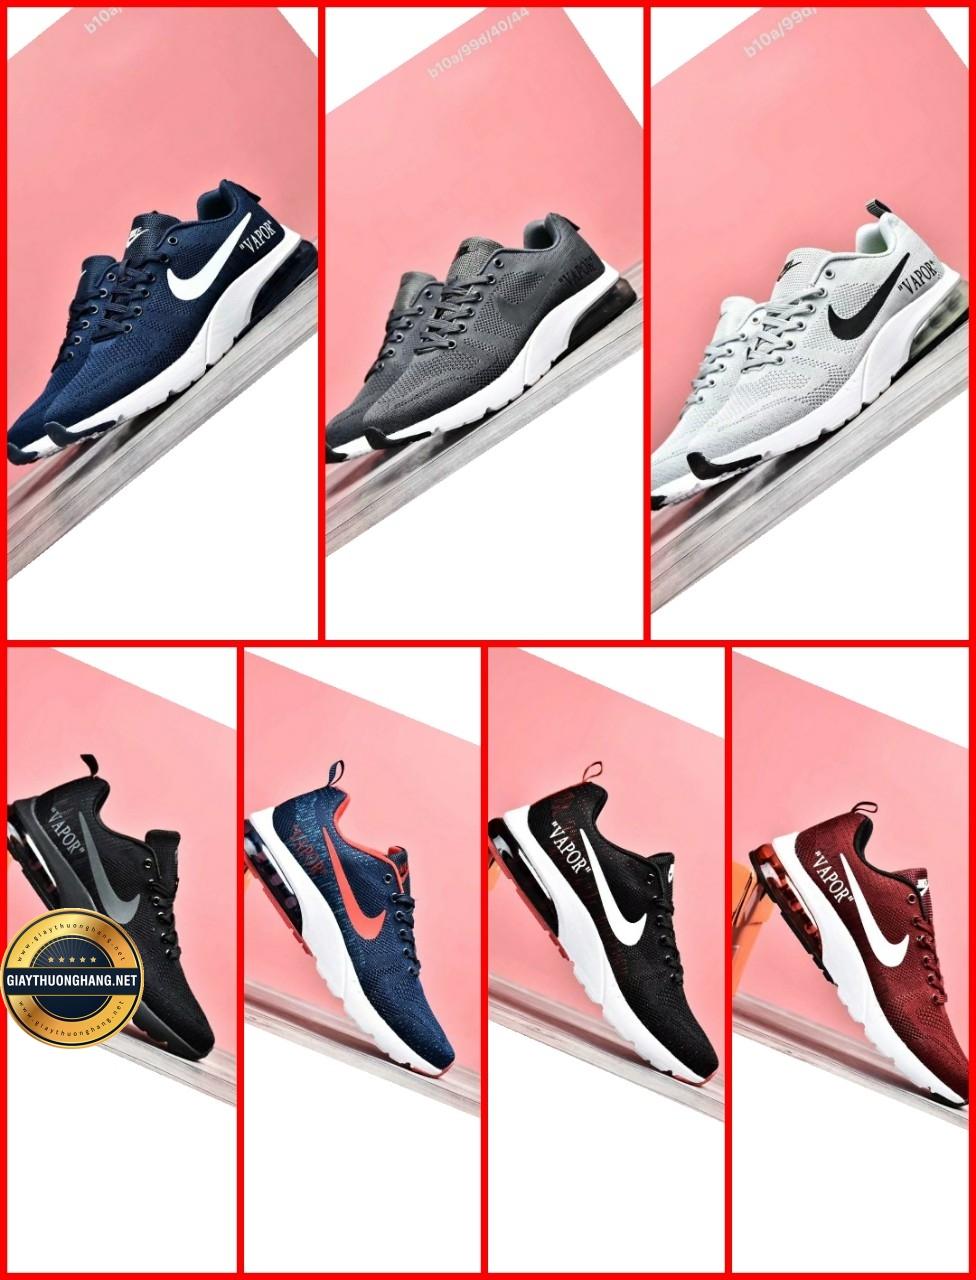 Giày Thể Thao Nike Vapor, Mã Số BC987